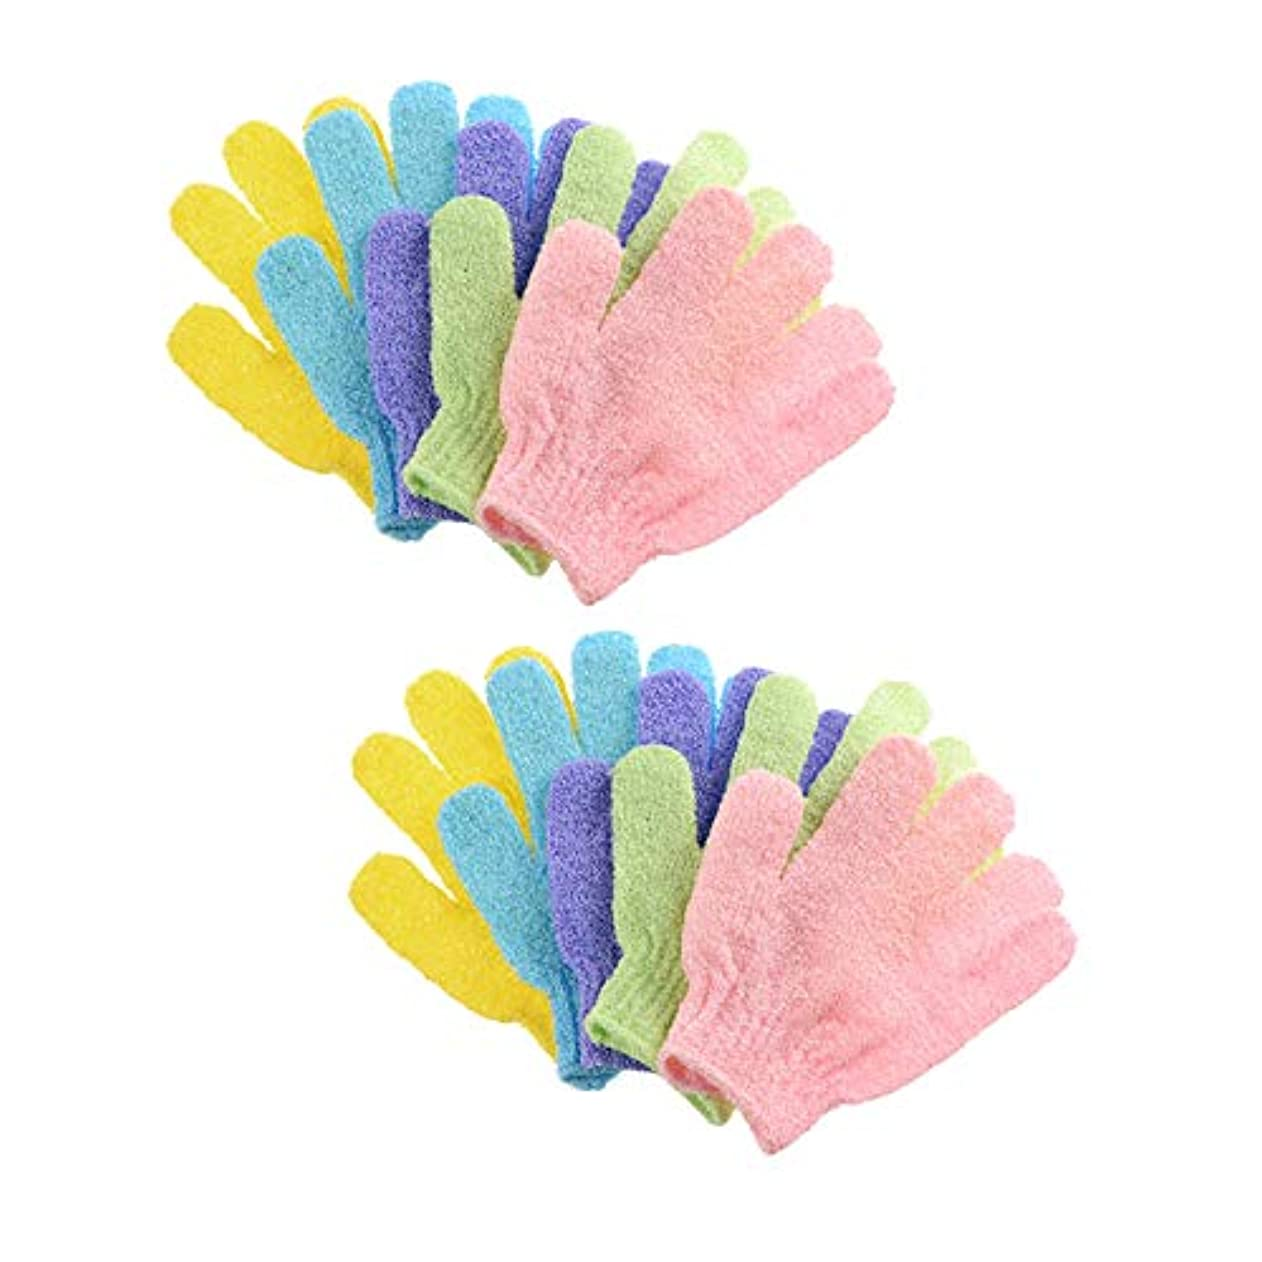 十年起こりやすい有彩色の浴用手袋 入浴用手袋 お風呂用手袋 5ペア角質除去バスグローブ 抗菌加工 ボディタオル シャワーボディーグローブ 両面スクラブバスグローブボディスクラブエクスフォリエーター用 男女兼用